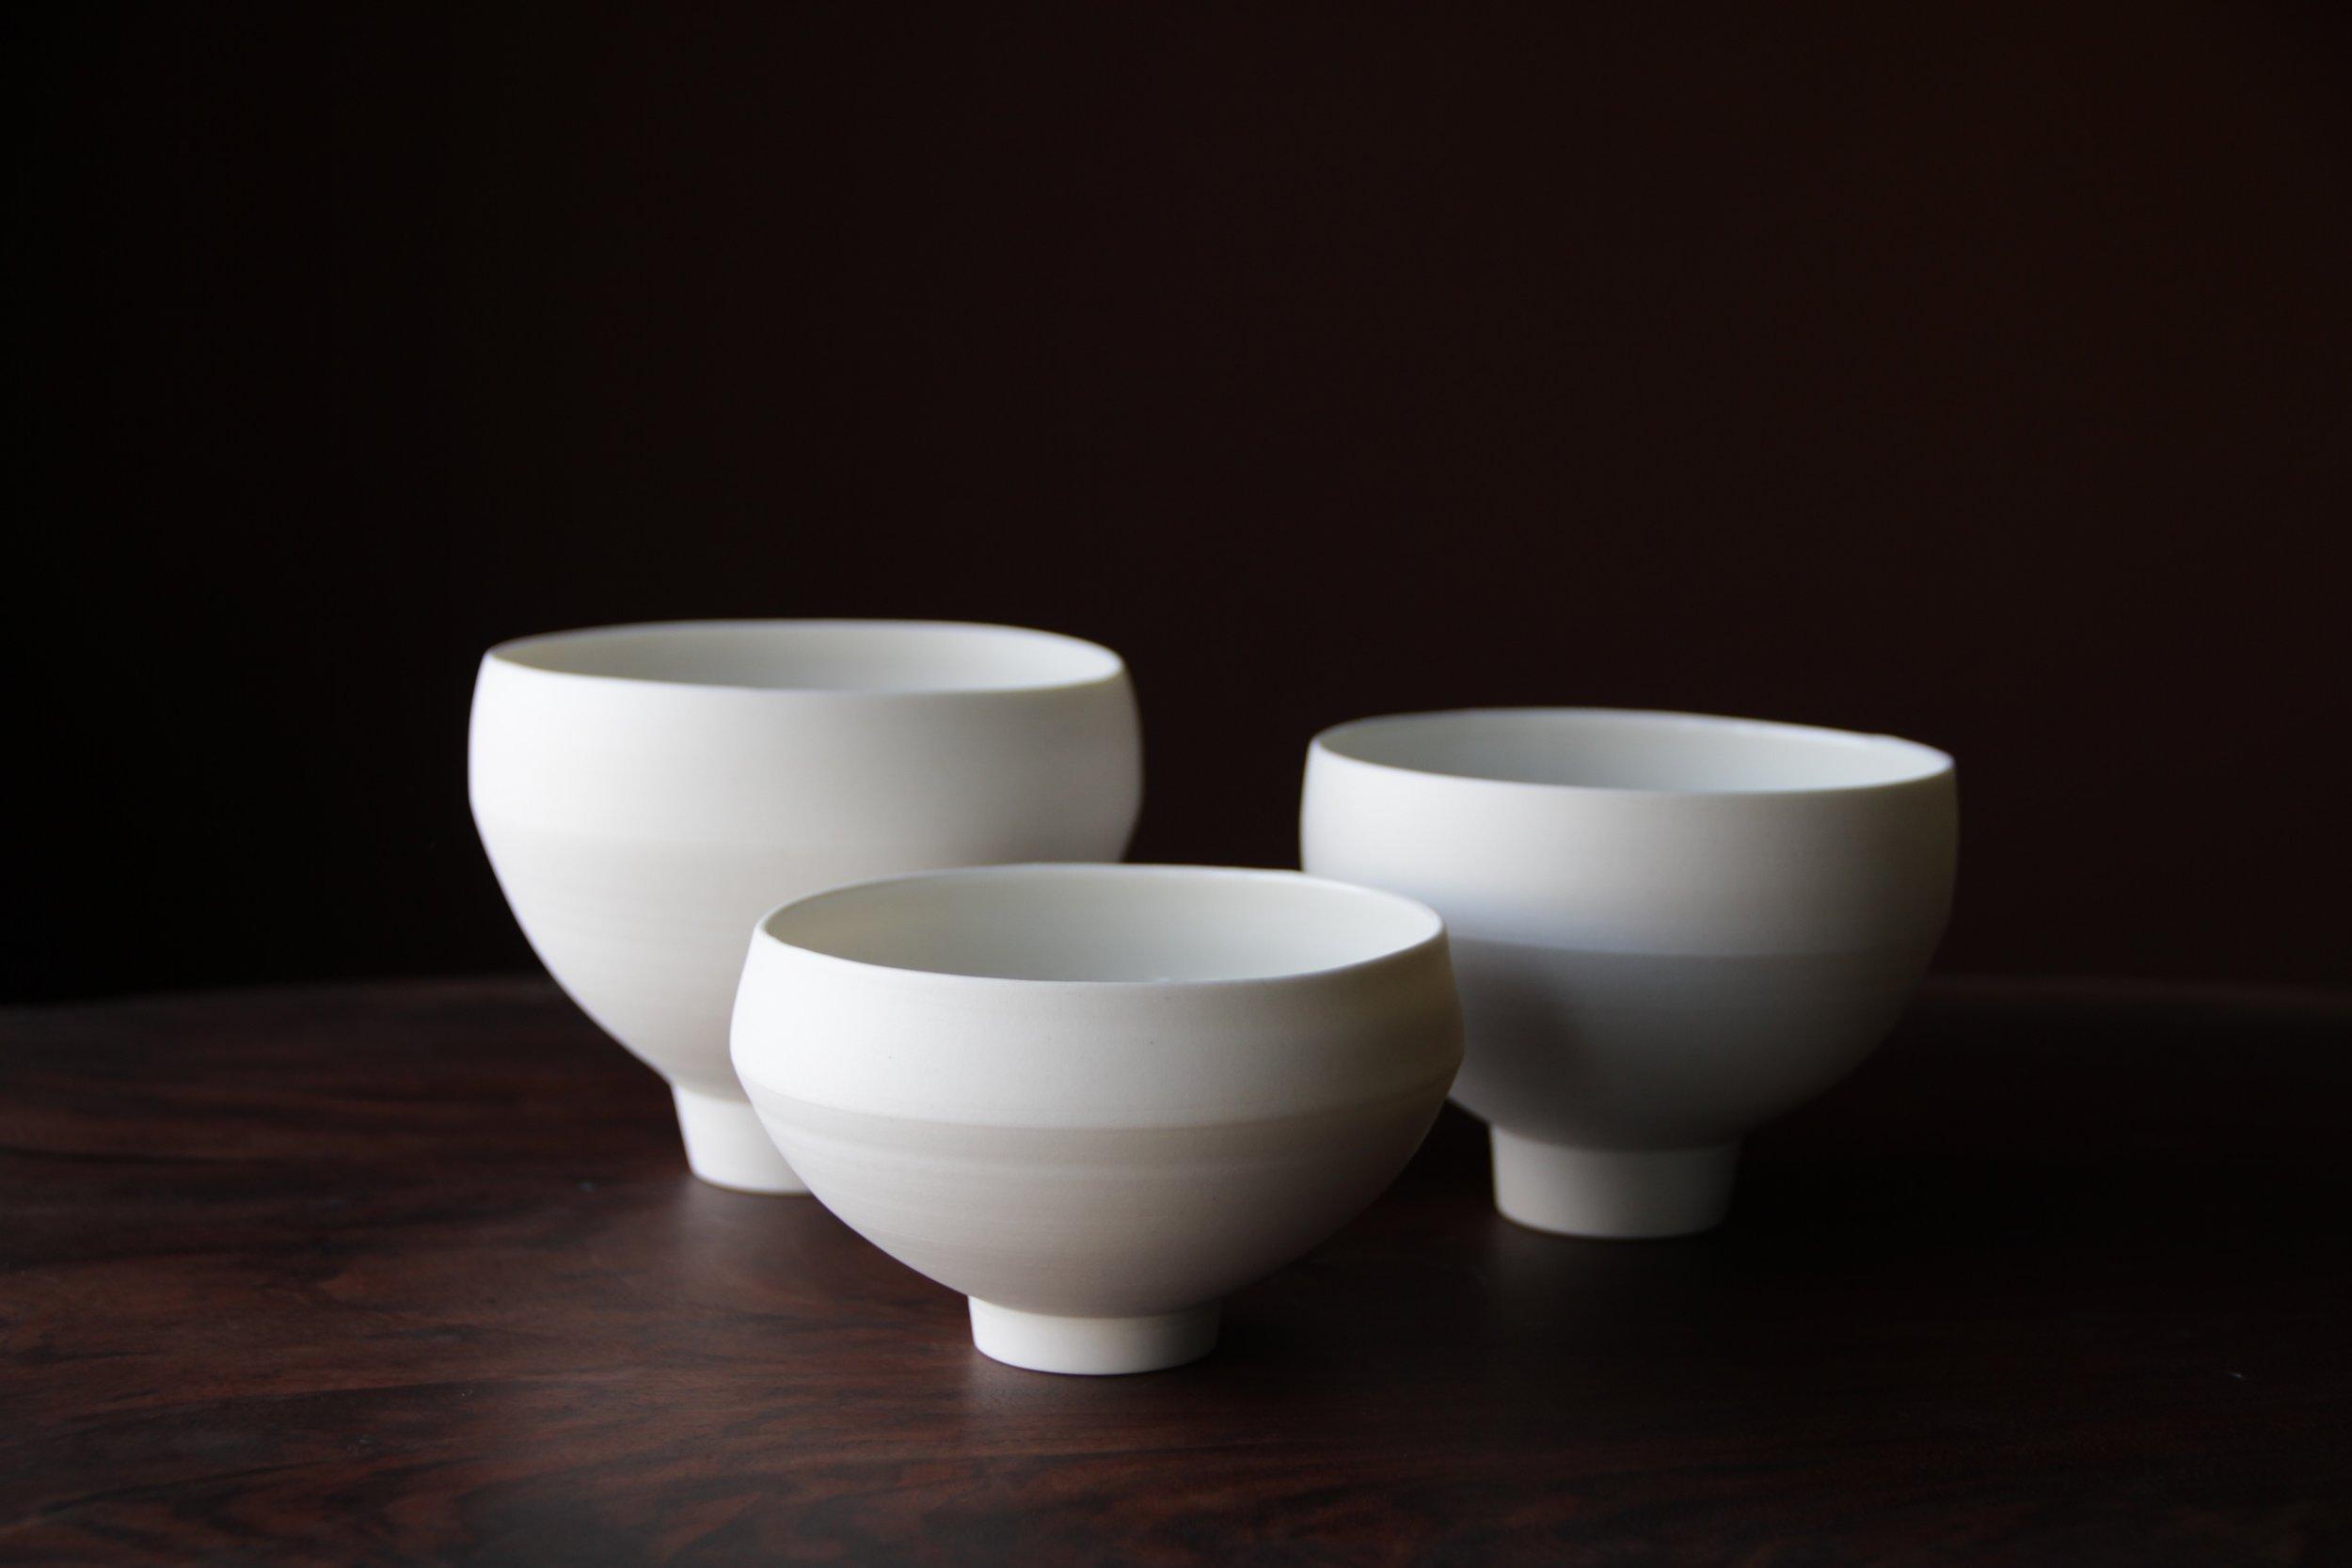 Ceramic tableware bowl set by Lilith Rockett, Portland, Oregon